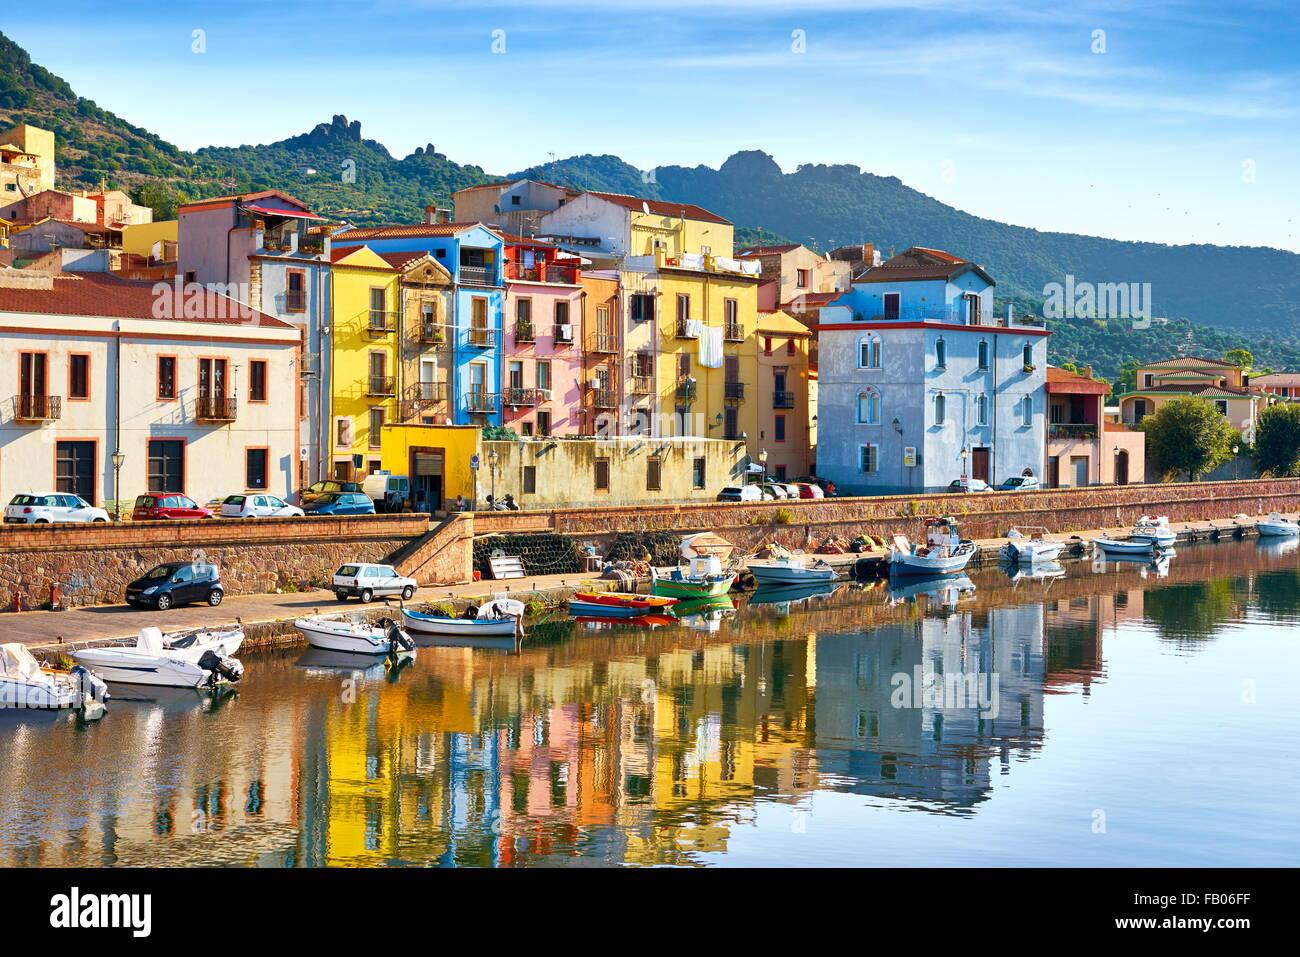 La vieille ville de Bosa, Riviera del Corallo, Sardaigne (île), Italie Sardaigne Photo Stock